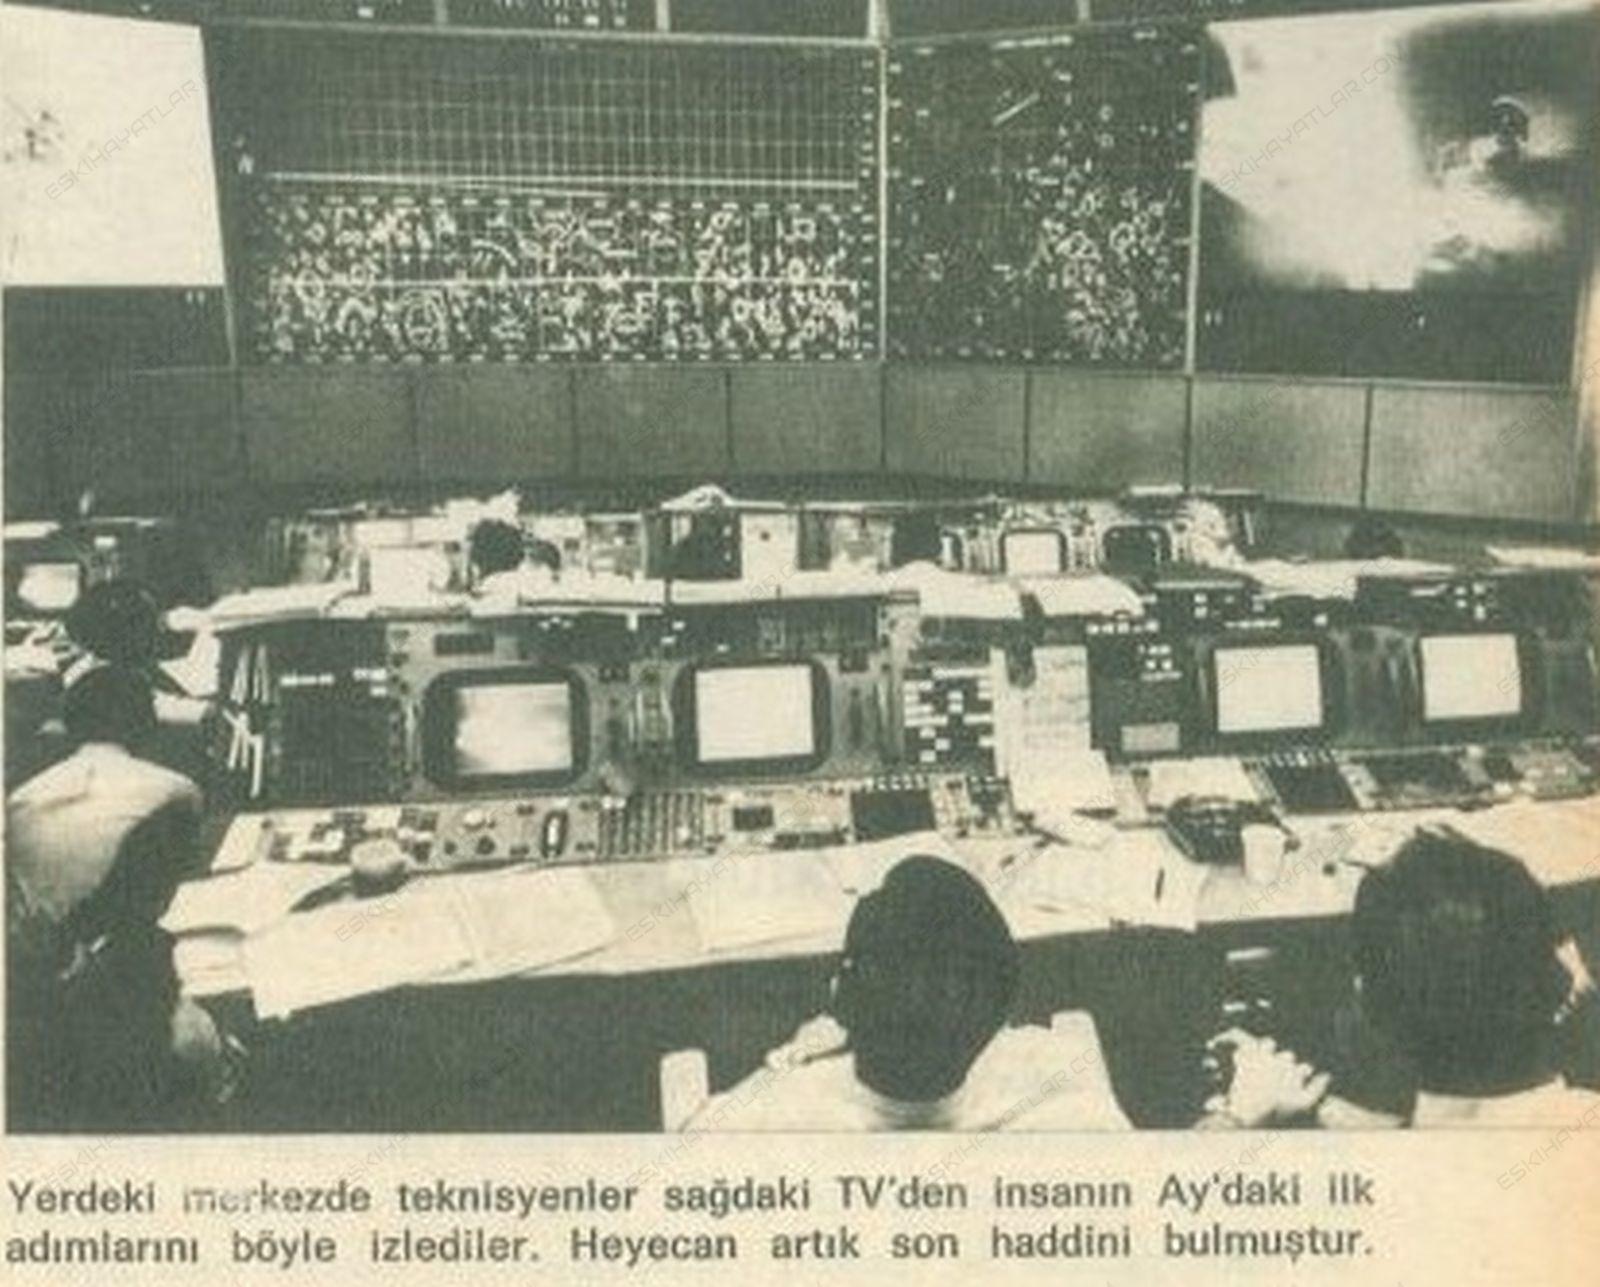 0210-apollo-10-ve-uc-kisilik-murettebati-aya-ulasti-neil-armstrong-1969-hayat-dergisi (9)